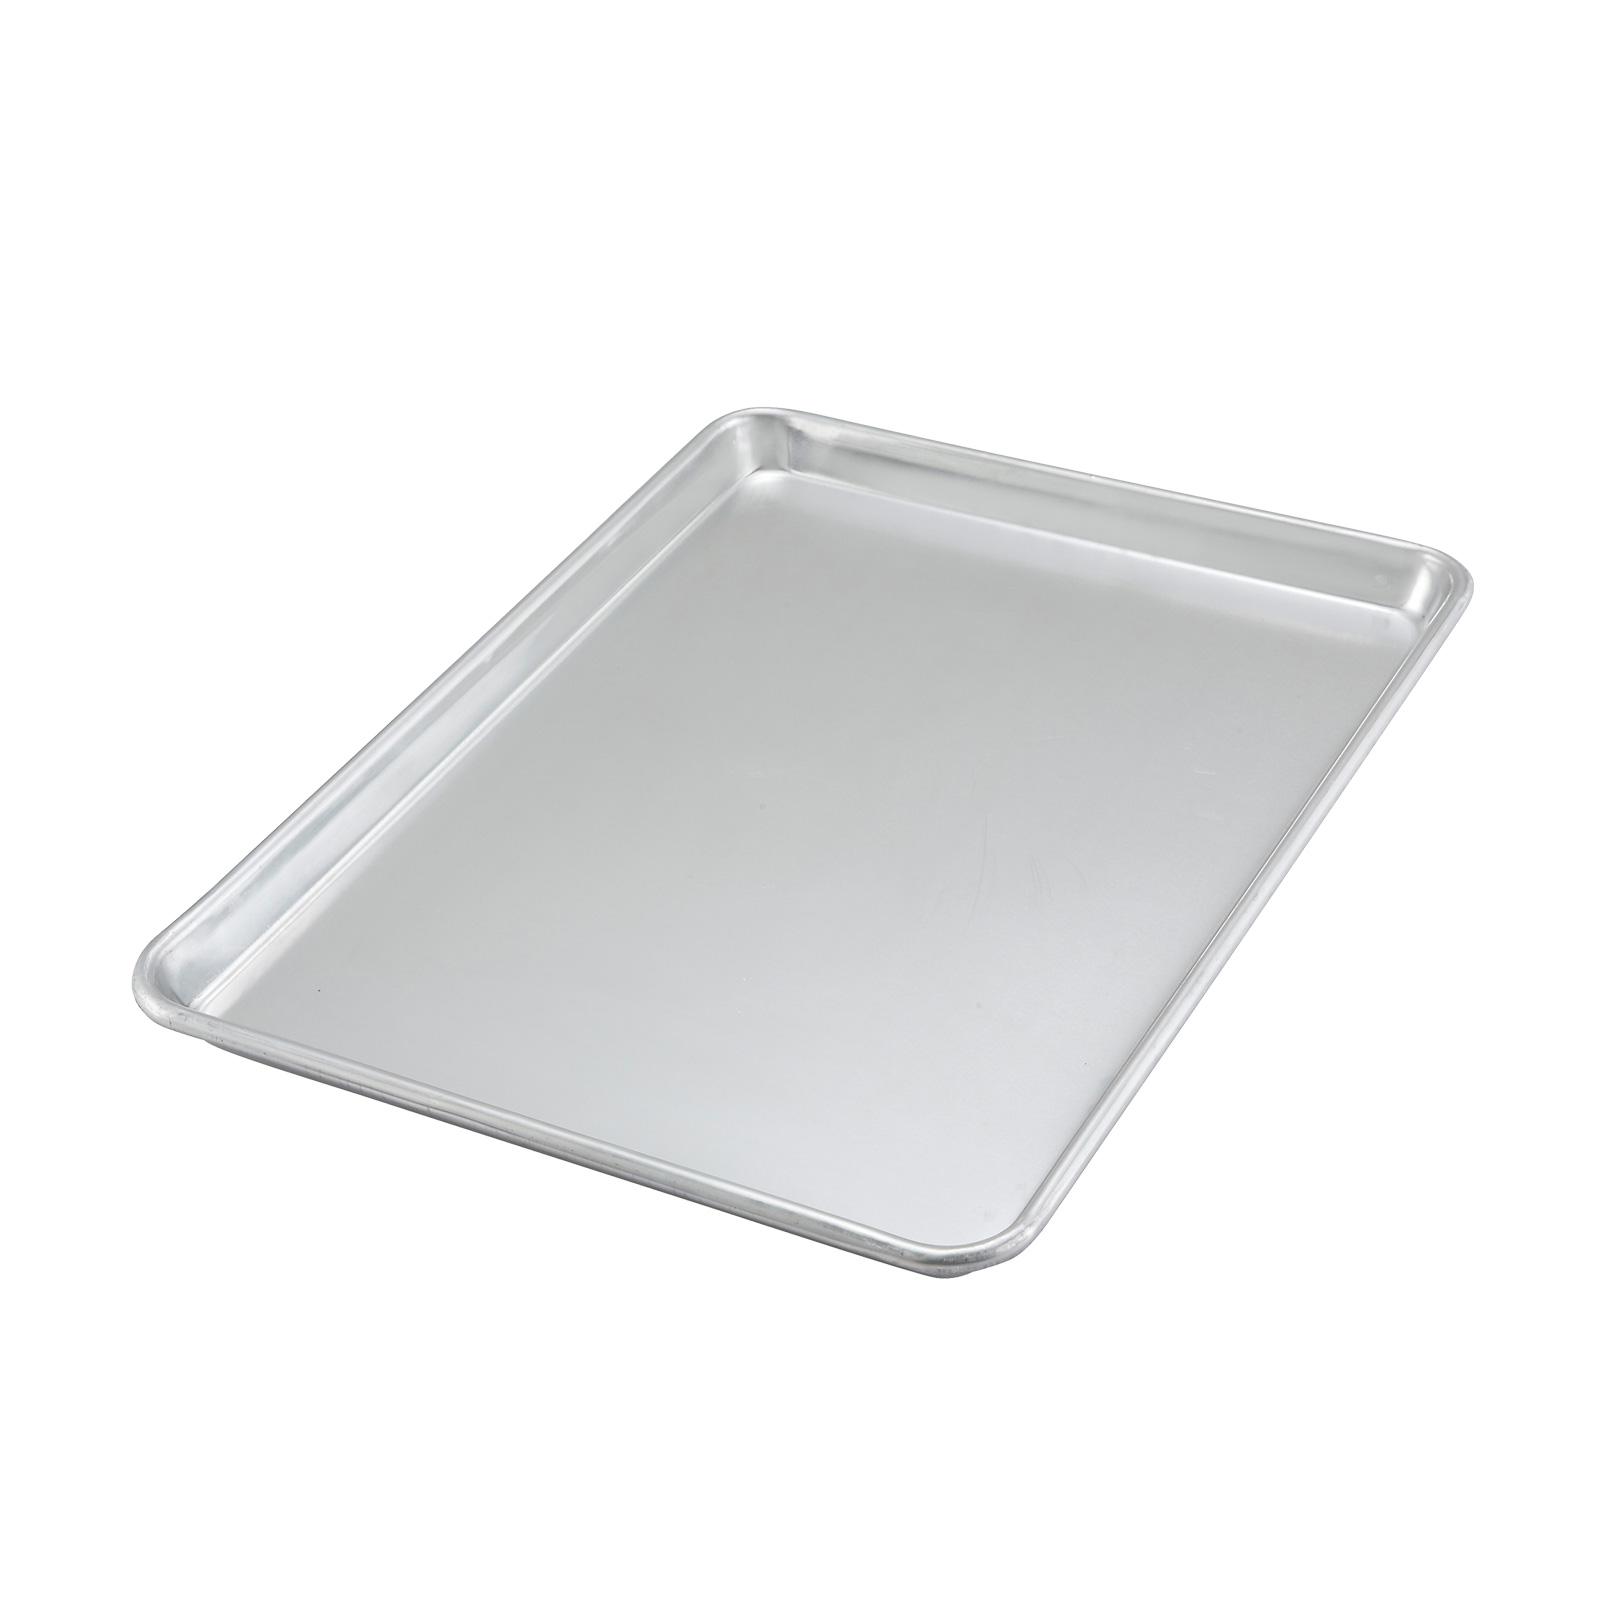 Winco ALXP-1318 bun / sheet pan